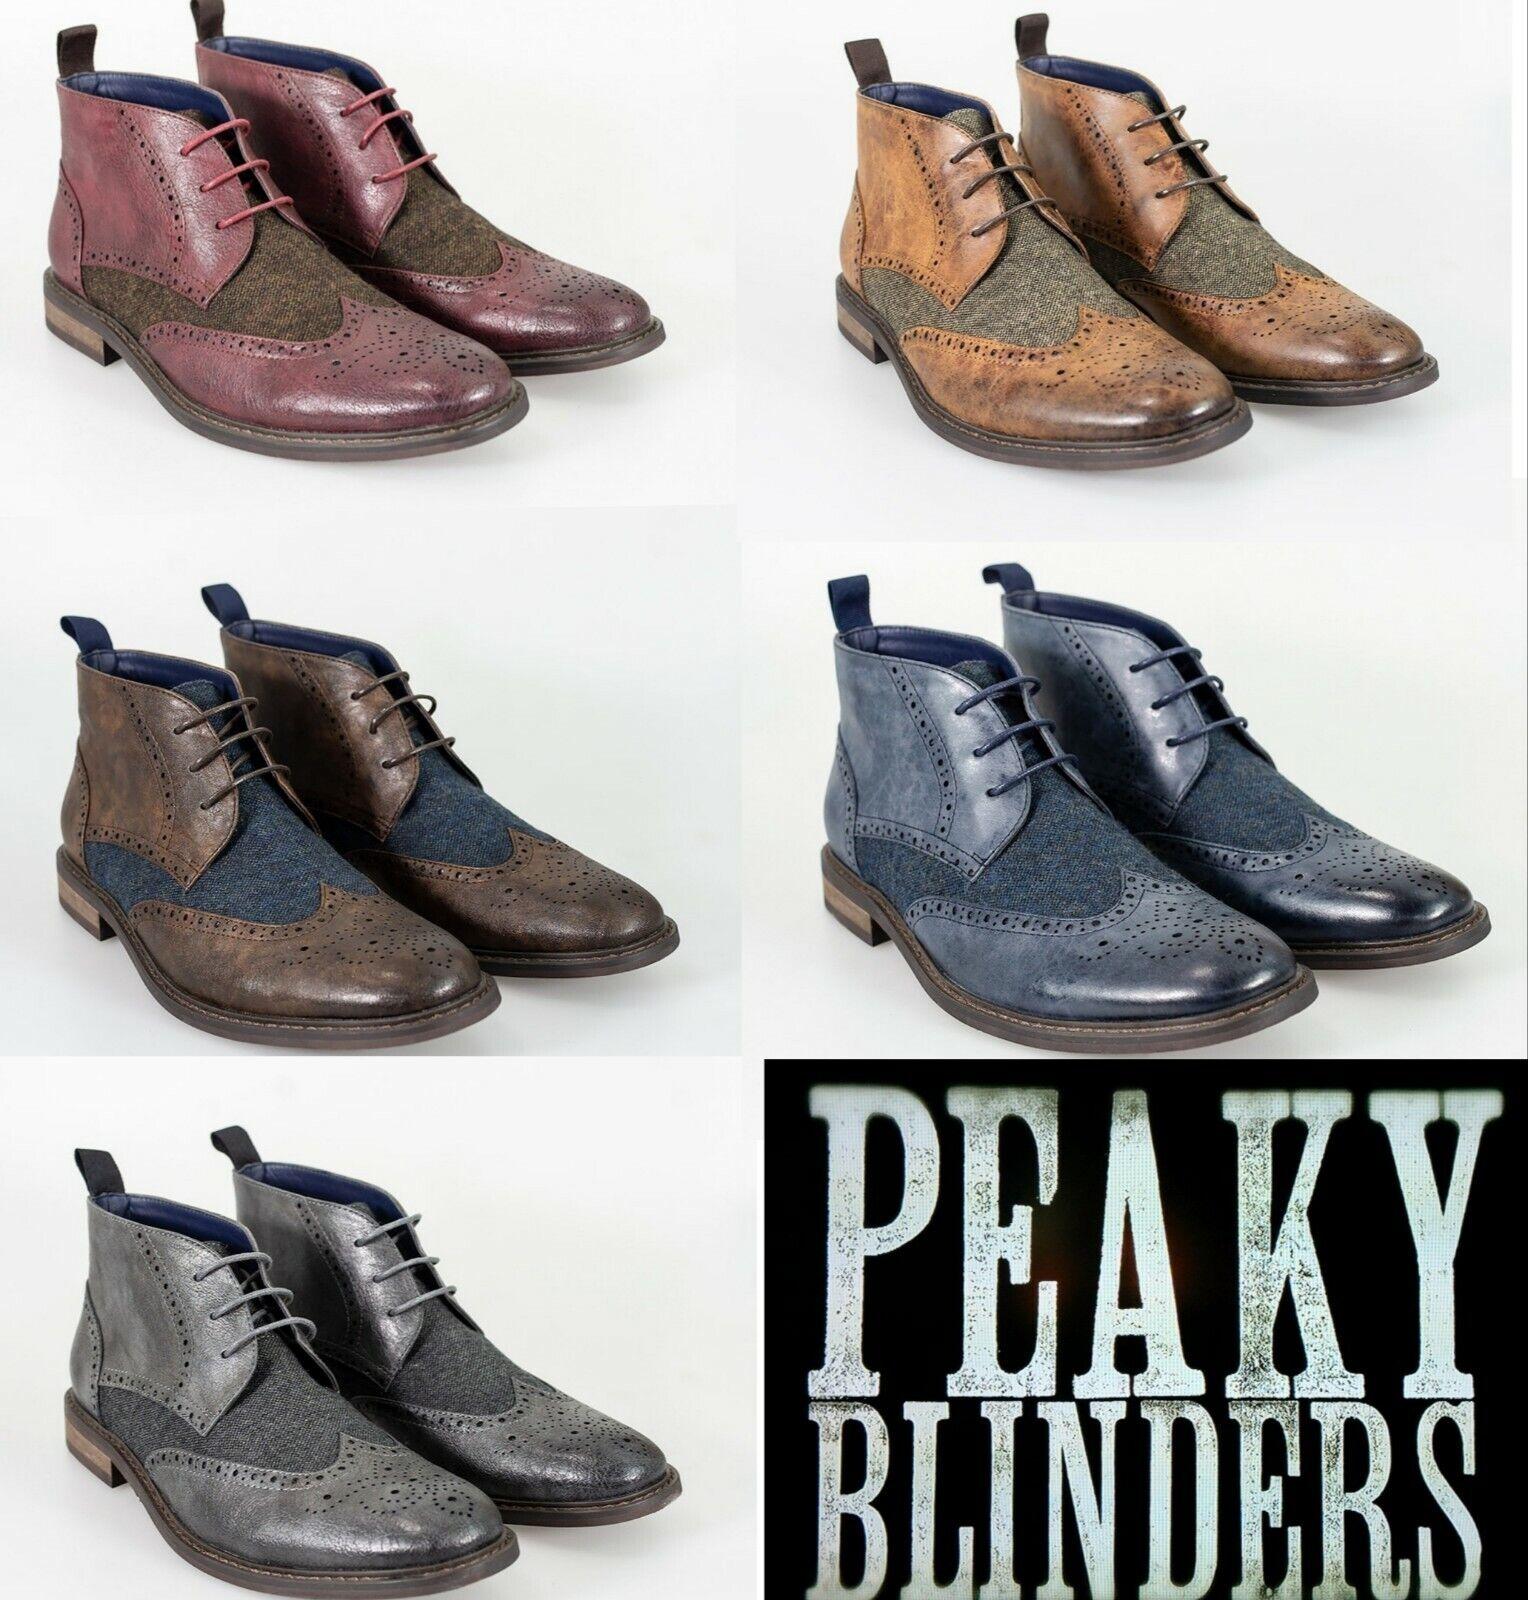 Mens Cavani Curtis Peaky Blinders Stiefel tweed Brogue Style Navy Tan braun Bordo